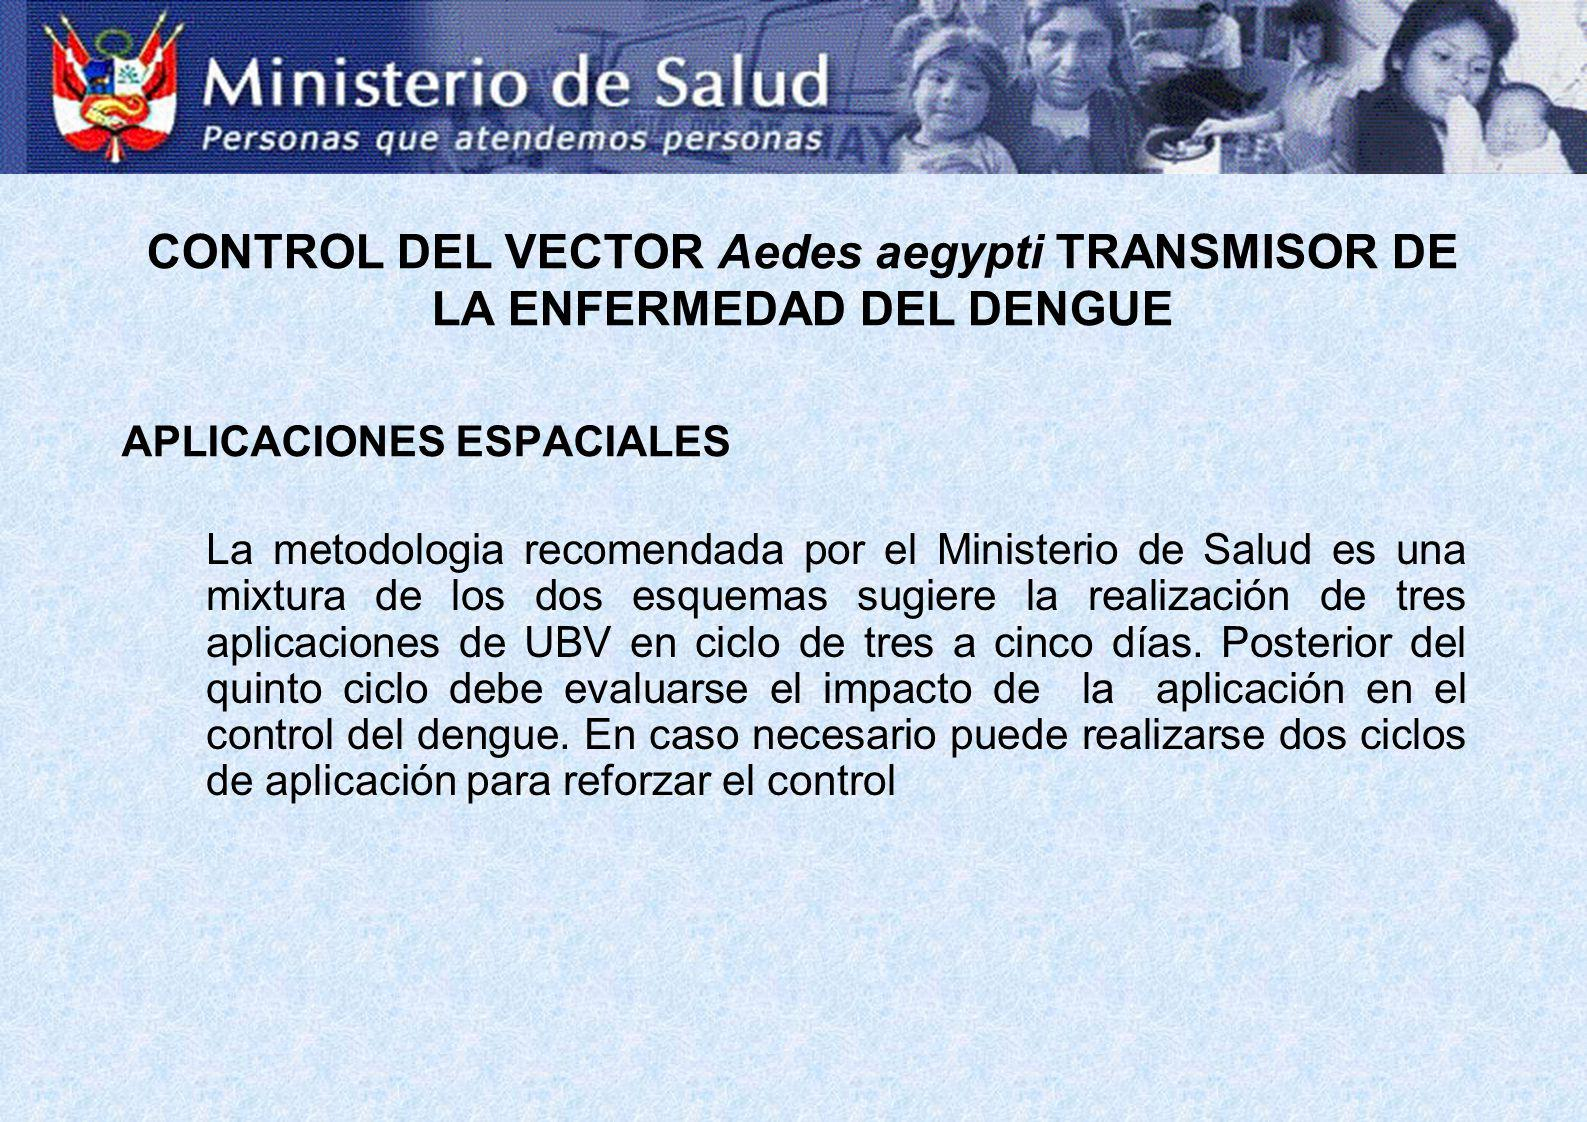 APLICACIONES ESPACIALES La metodologia recomendada por el Ministerio de Salud es una mixtura de los dos esquemas sugiere la realización de tres aplica